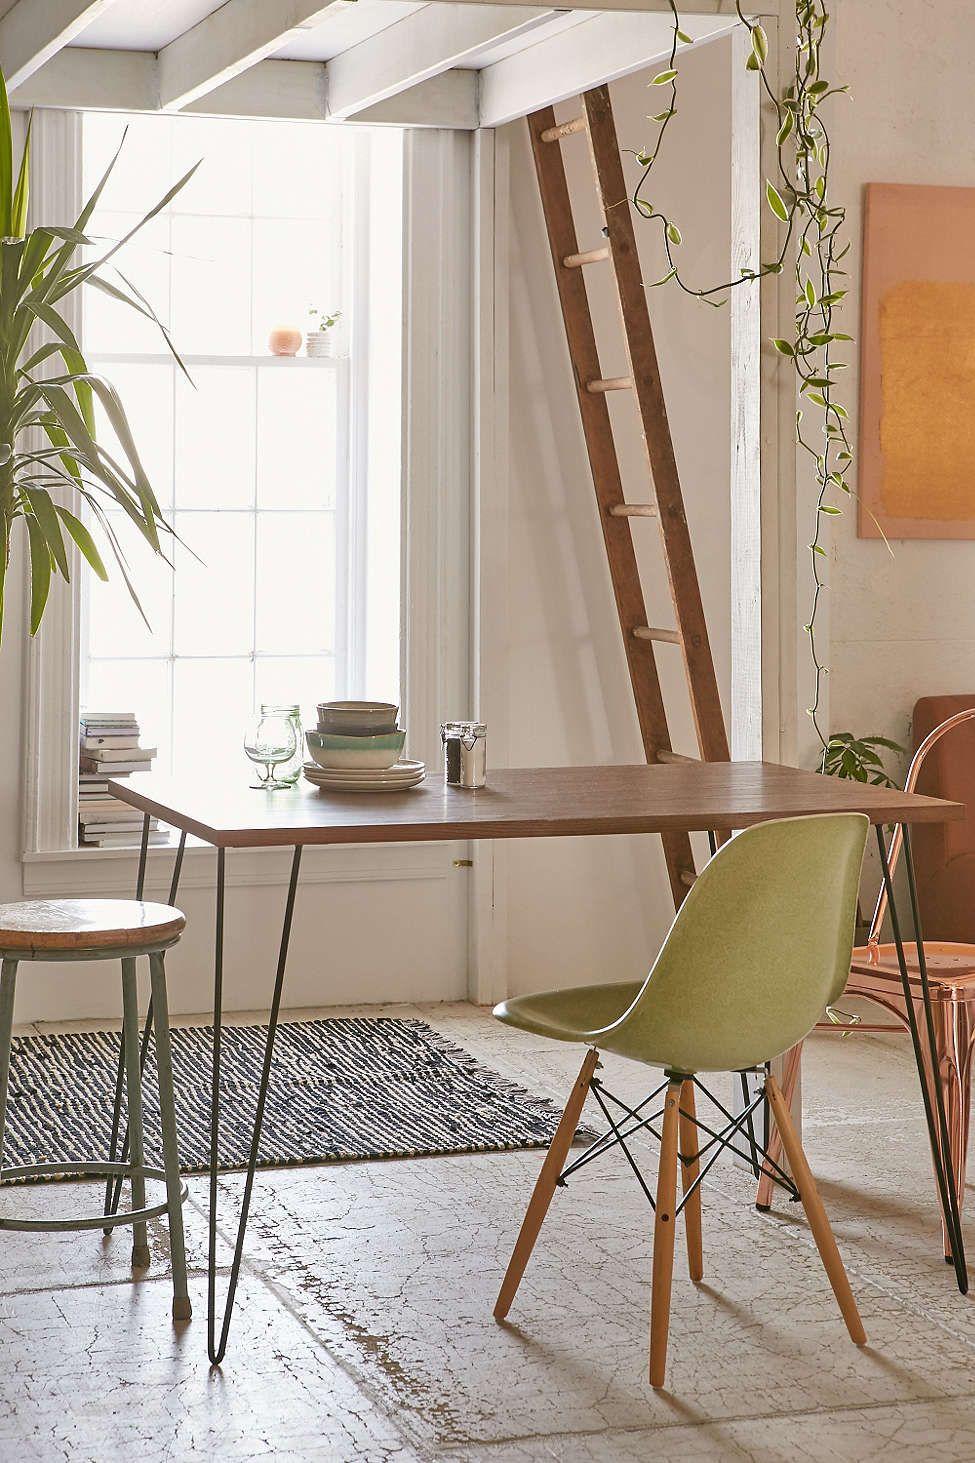 Esszimmer mit küche loft side table  tiny house  pinterest  haus zuhause und essecke